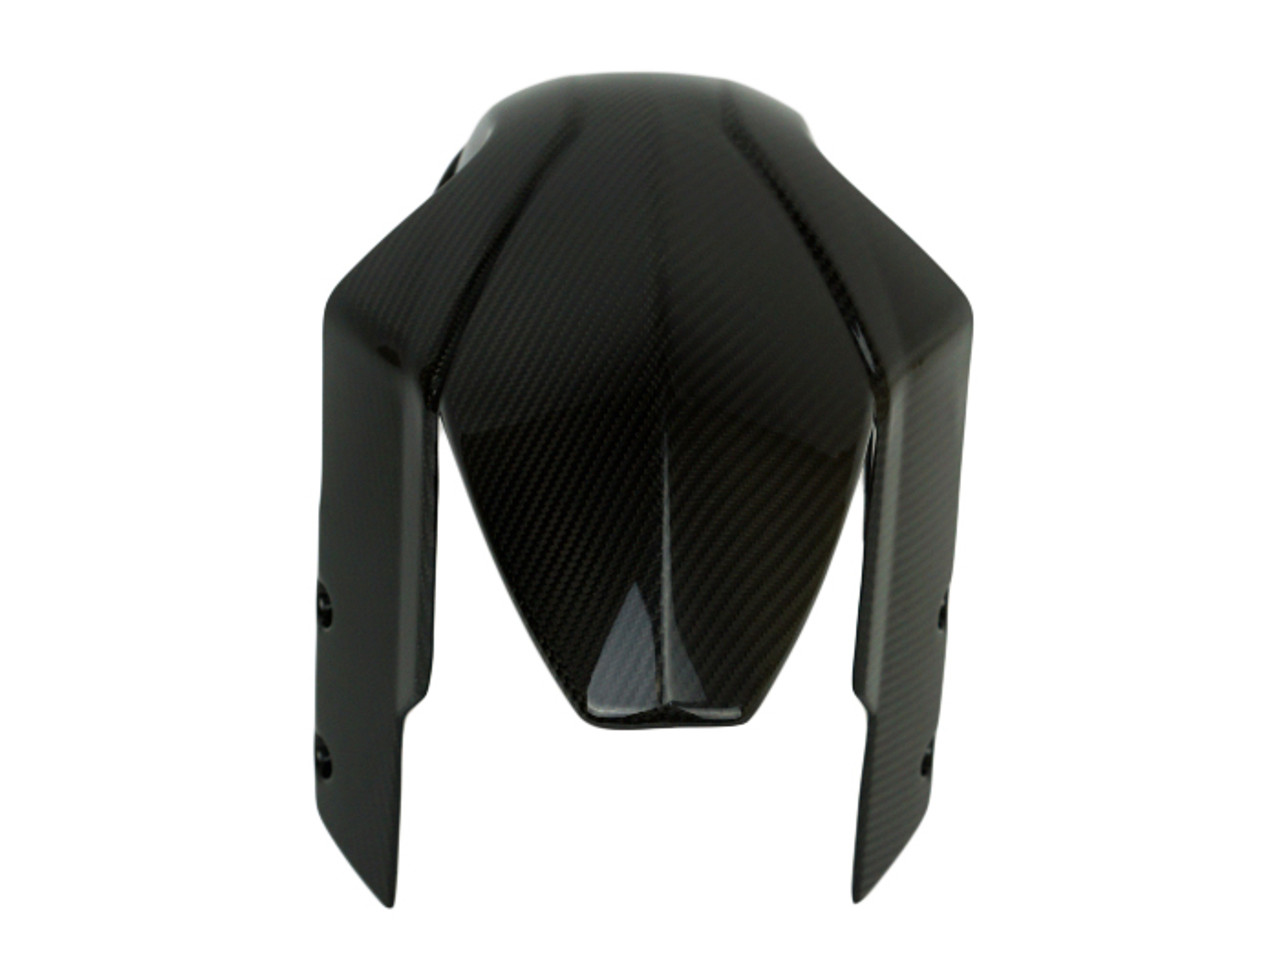 Front Fender in Glossy Twill weave Carbon Fiber for KTM Superduke / R 990 2007 - 2013